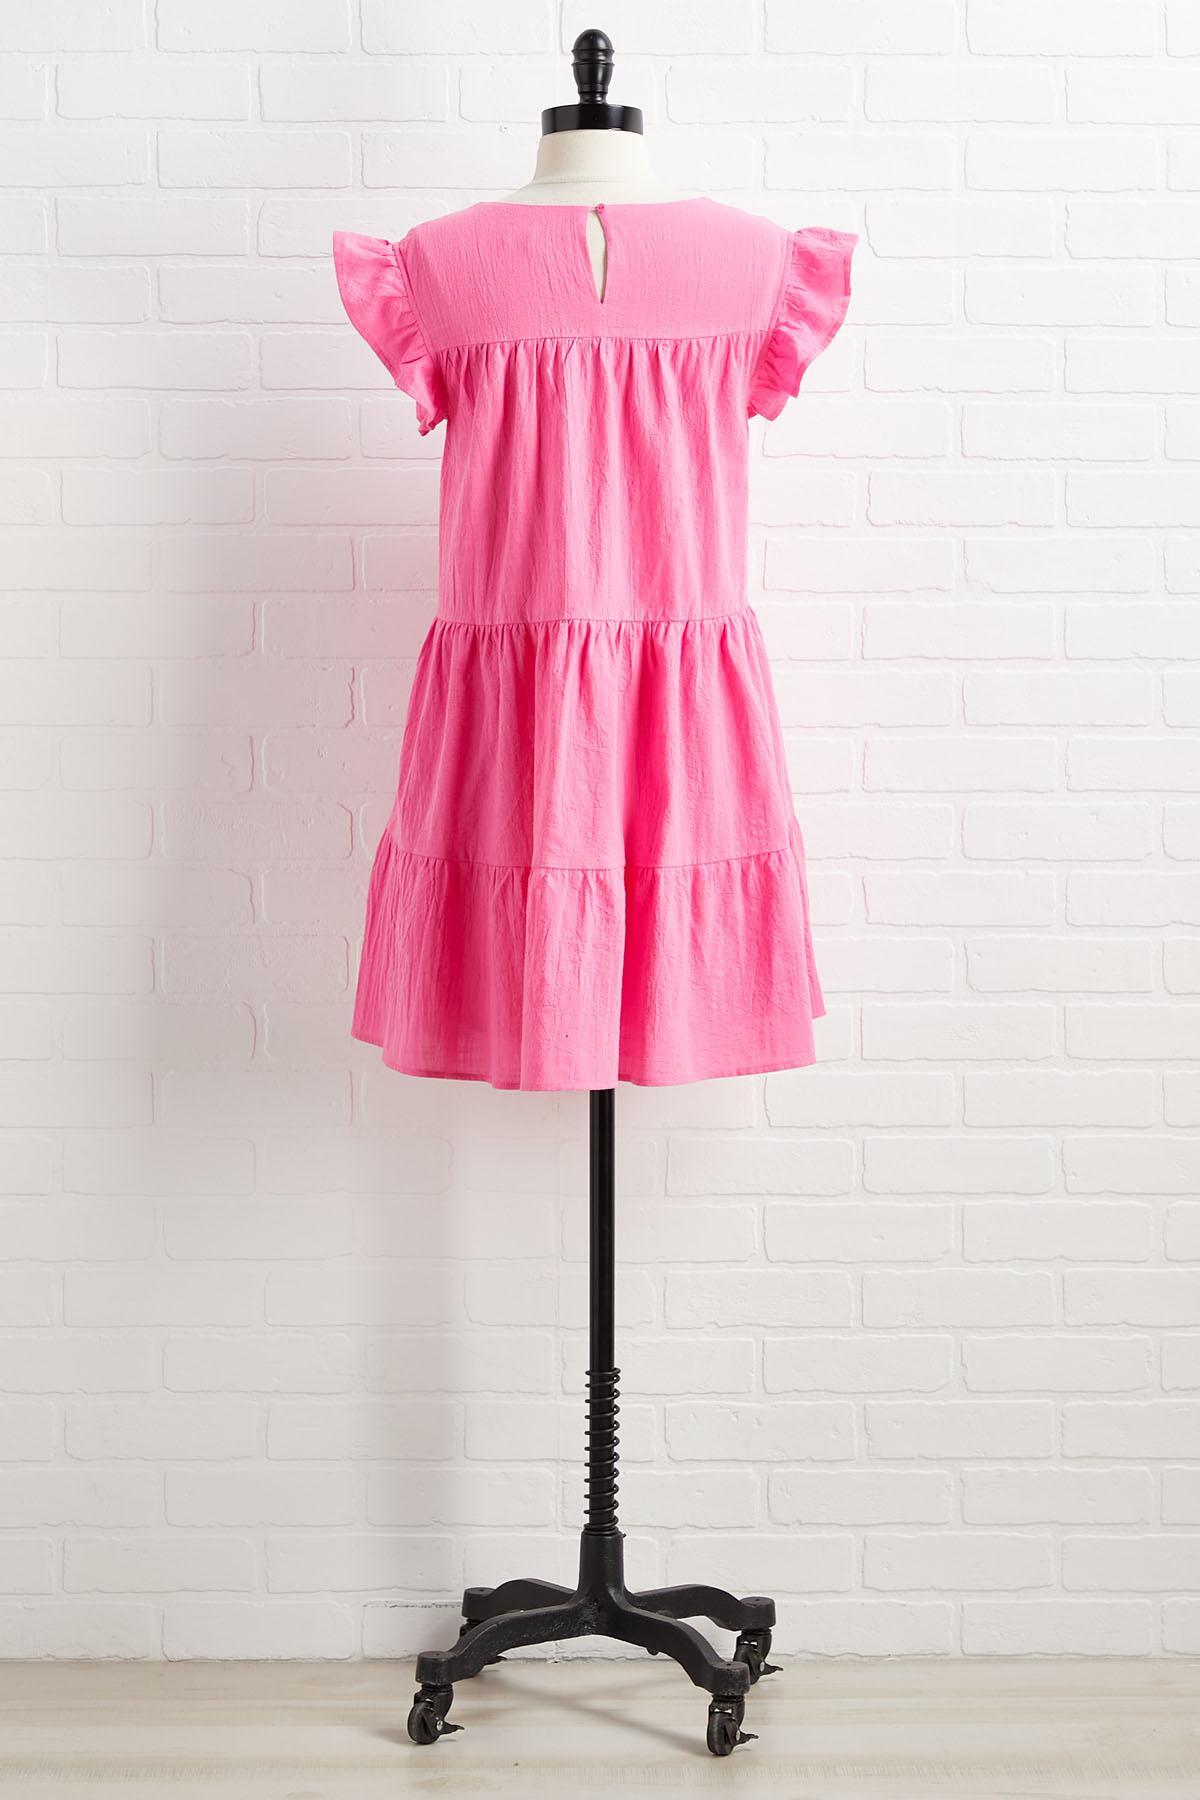 Dreamhouse Dress